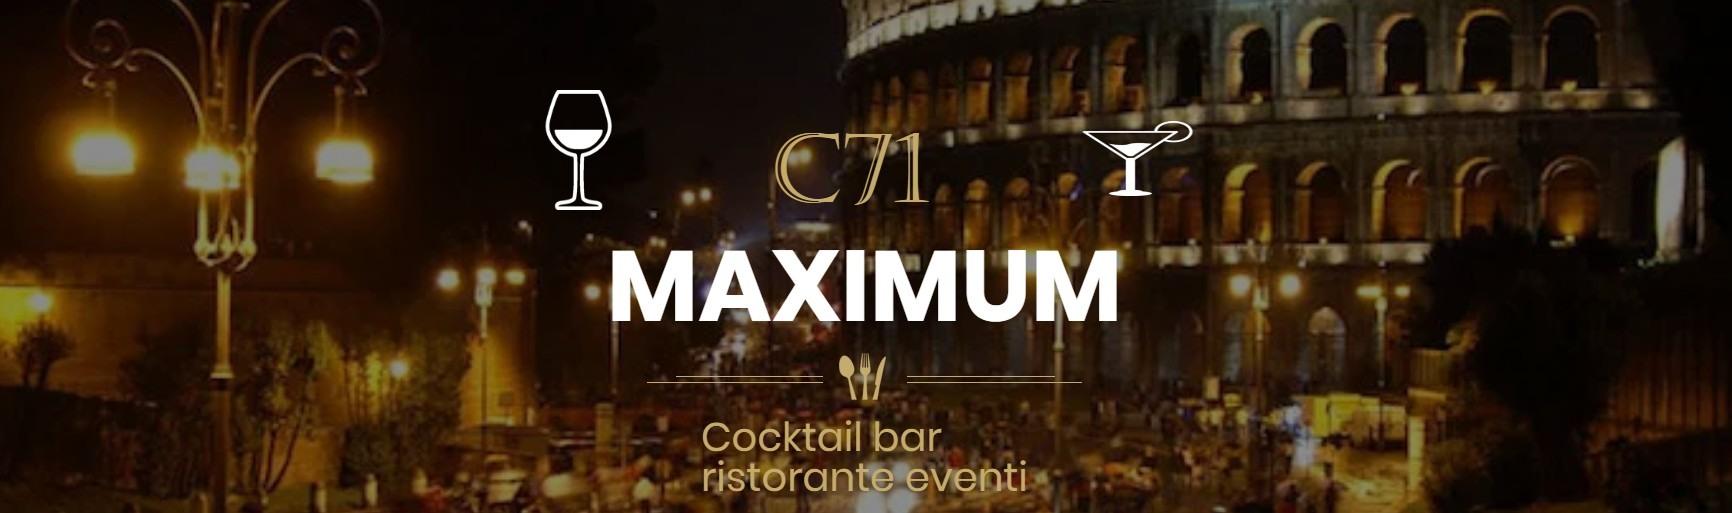 C71 MAXIMUM ROMA Circo Massimo   Aperitiv&Club